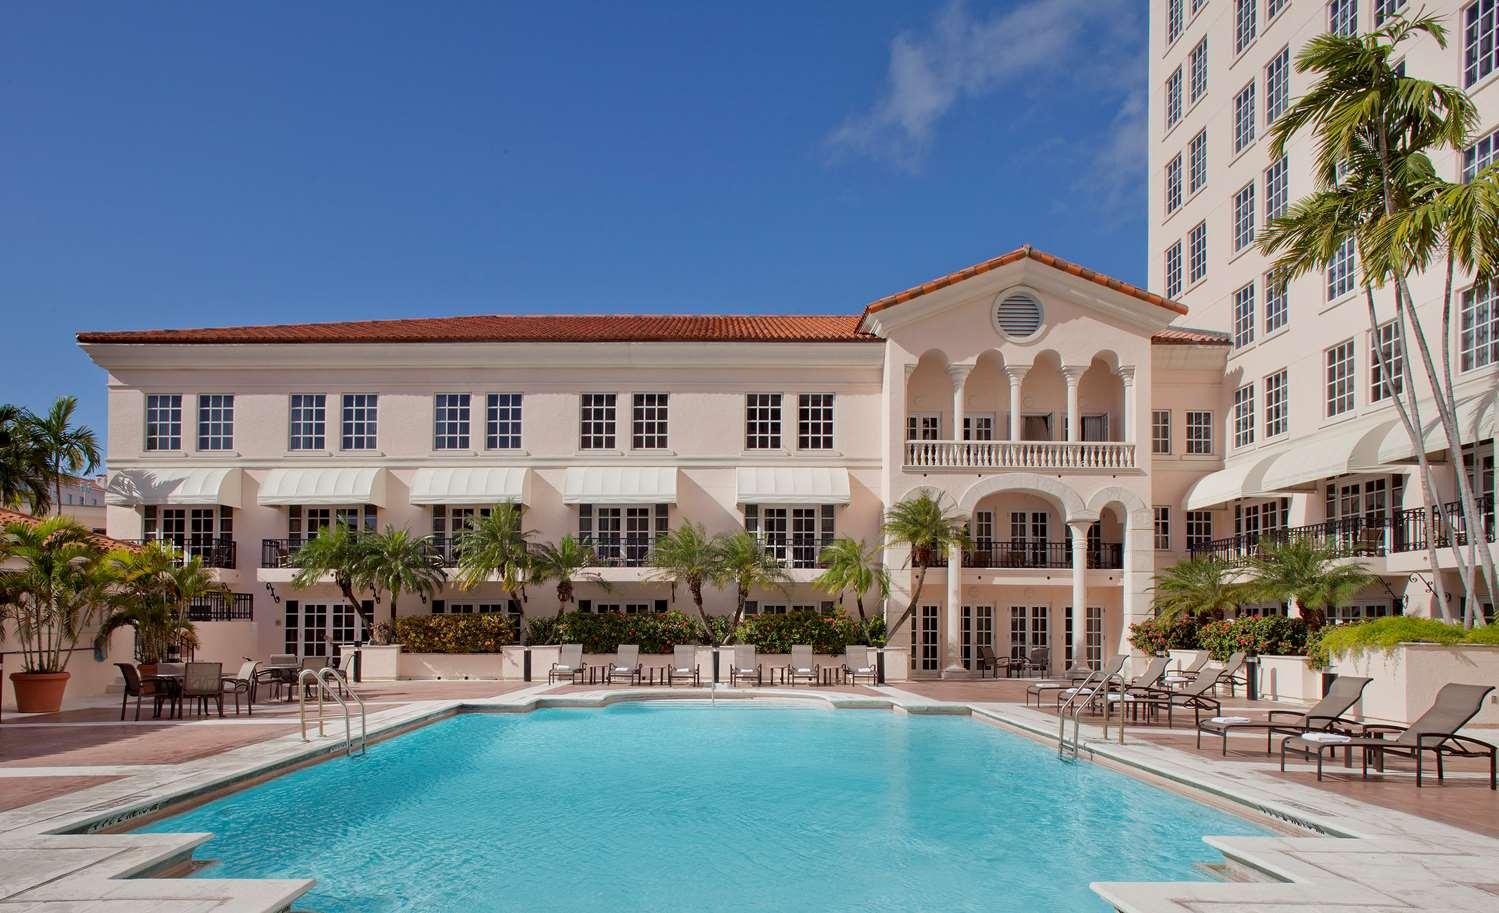 Pool - Hyatt Regency Hotel Coral Gables